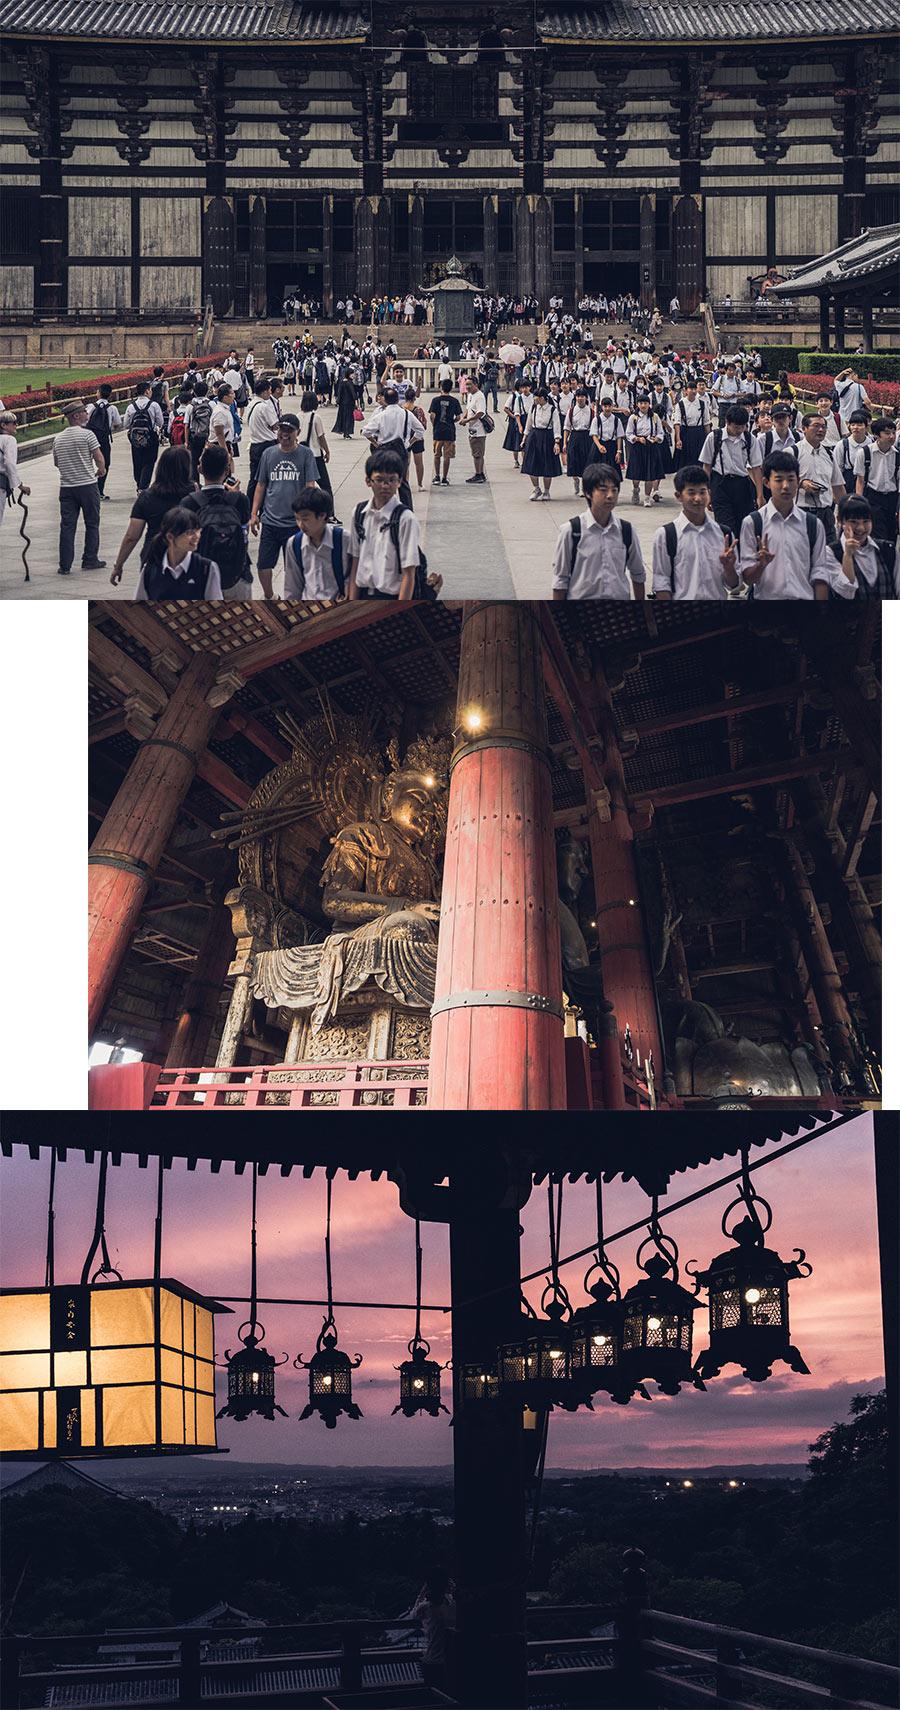 La ville de Nara et ses temples, par Côté Hublot